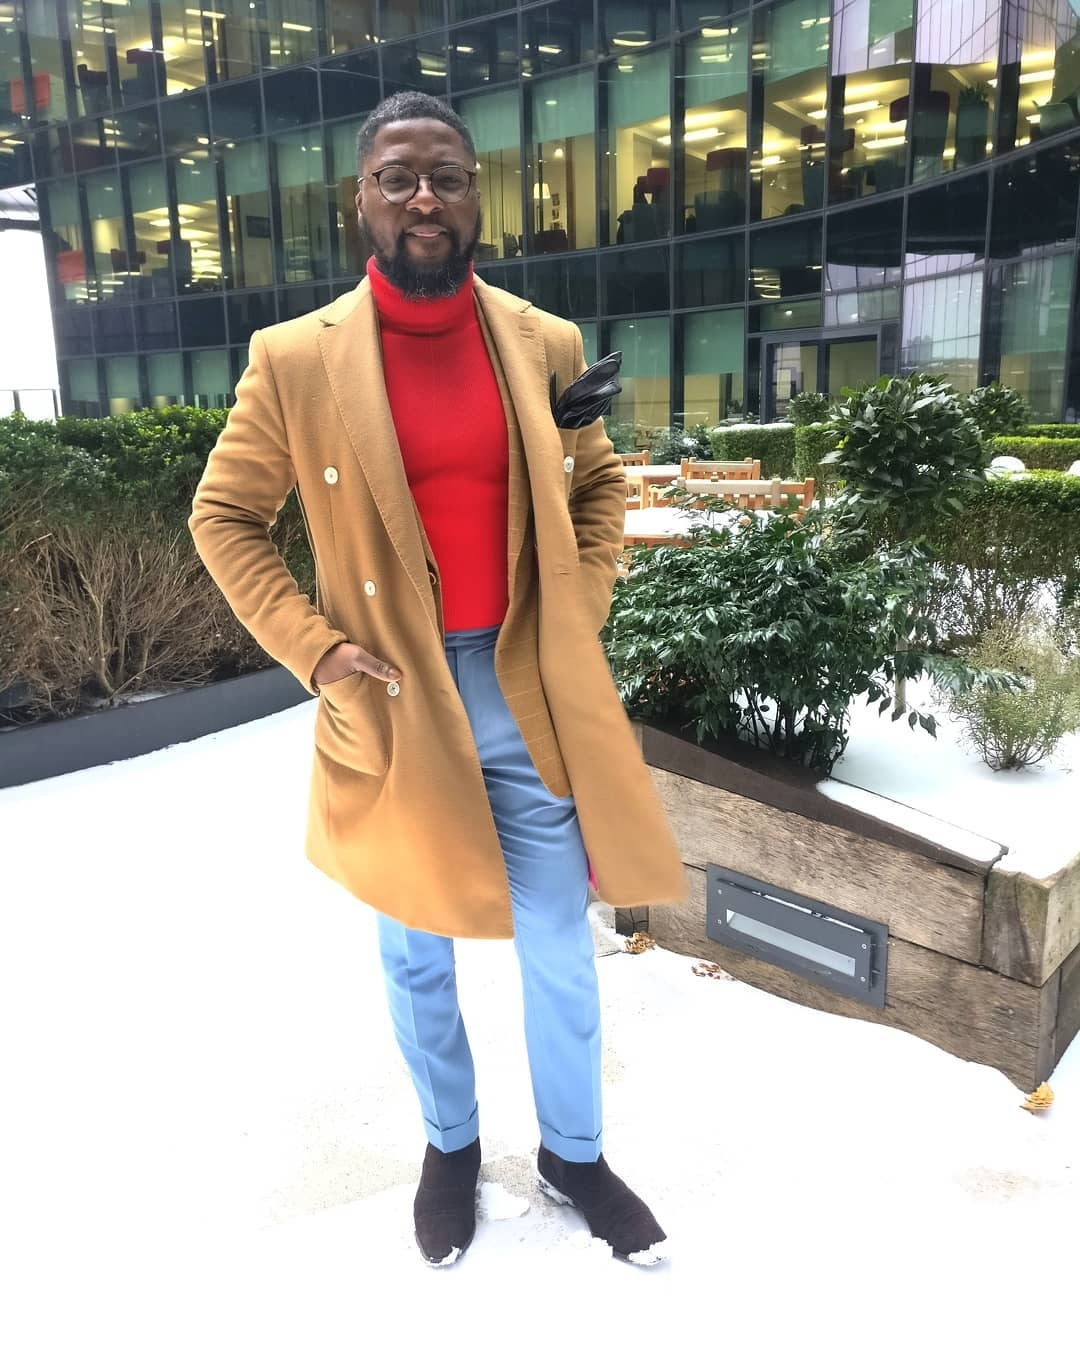 Owner of Daniel and Lade Bespoke Wedding Suits London - Daniel Odulaja